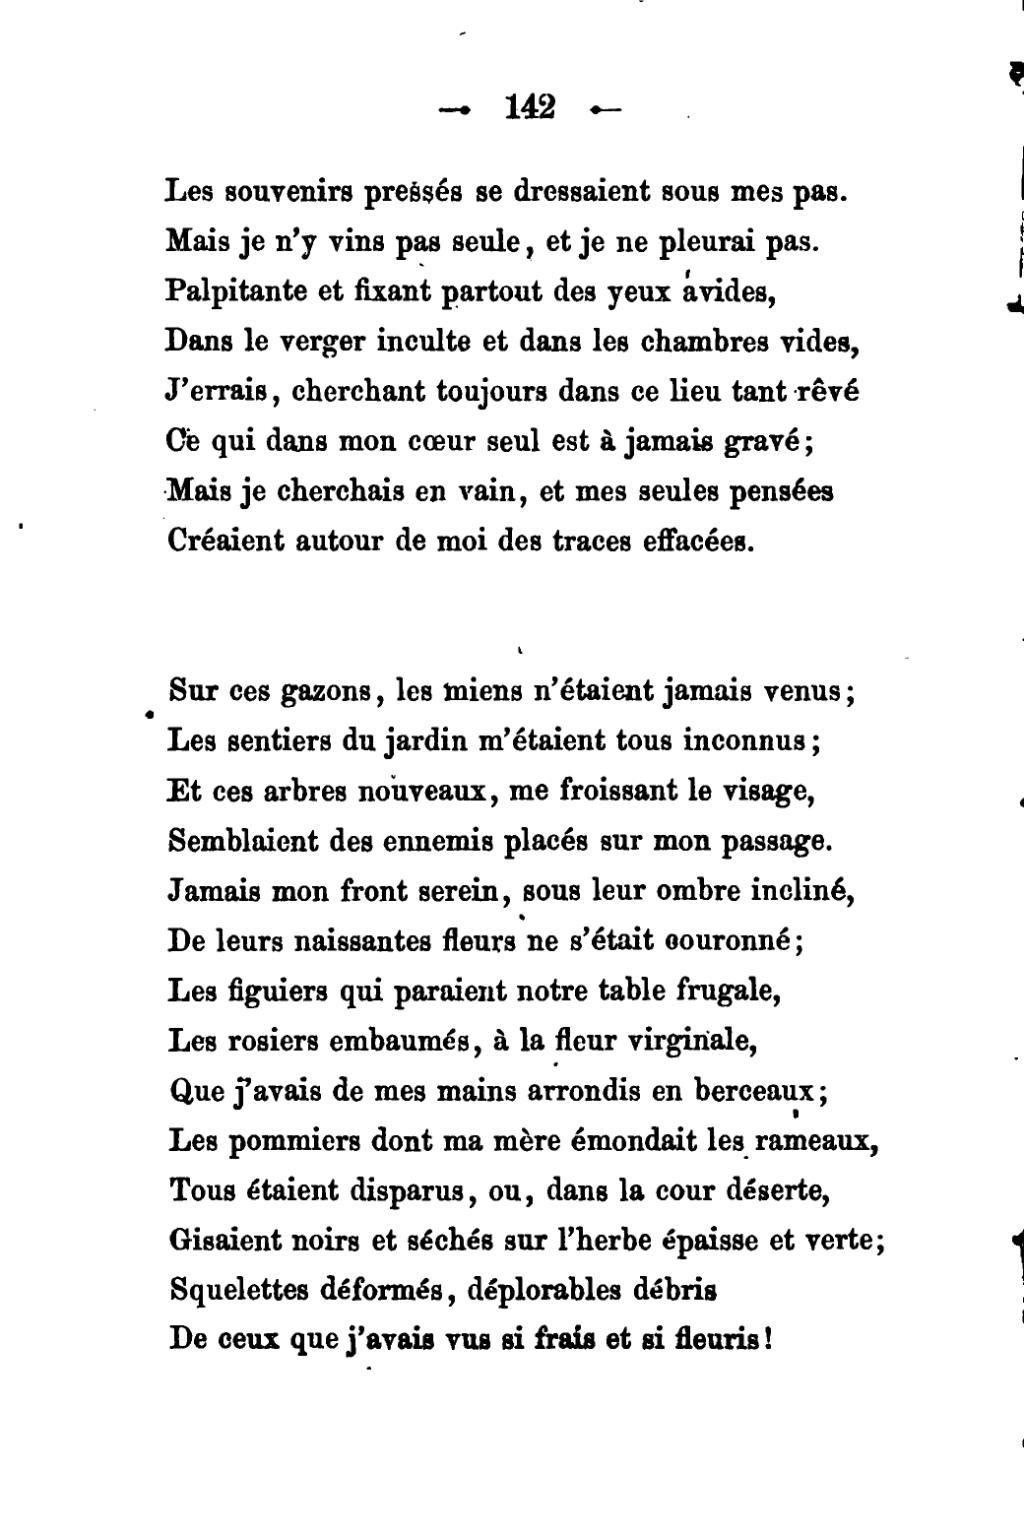 page168 1024px Femmes poëtes de la France éd Blanvalet 1856vu